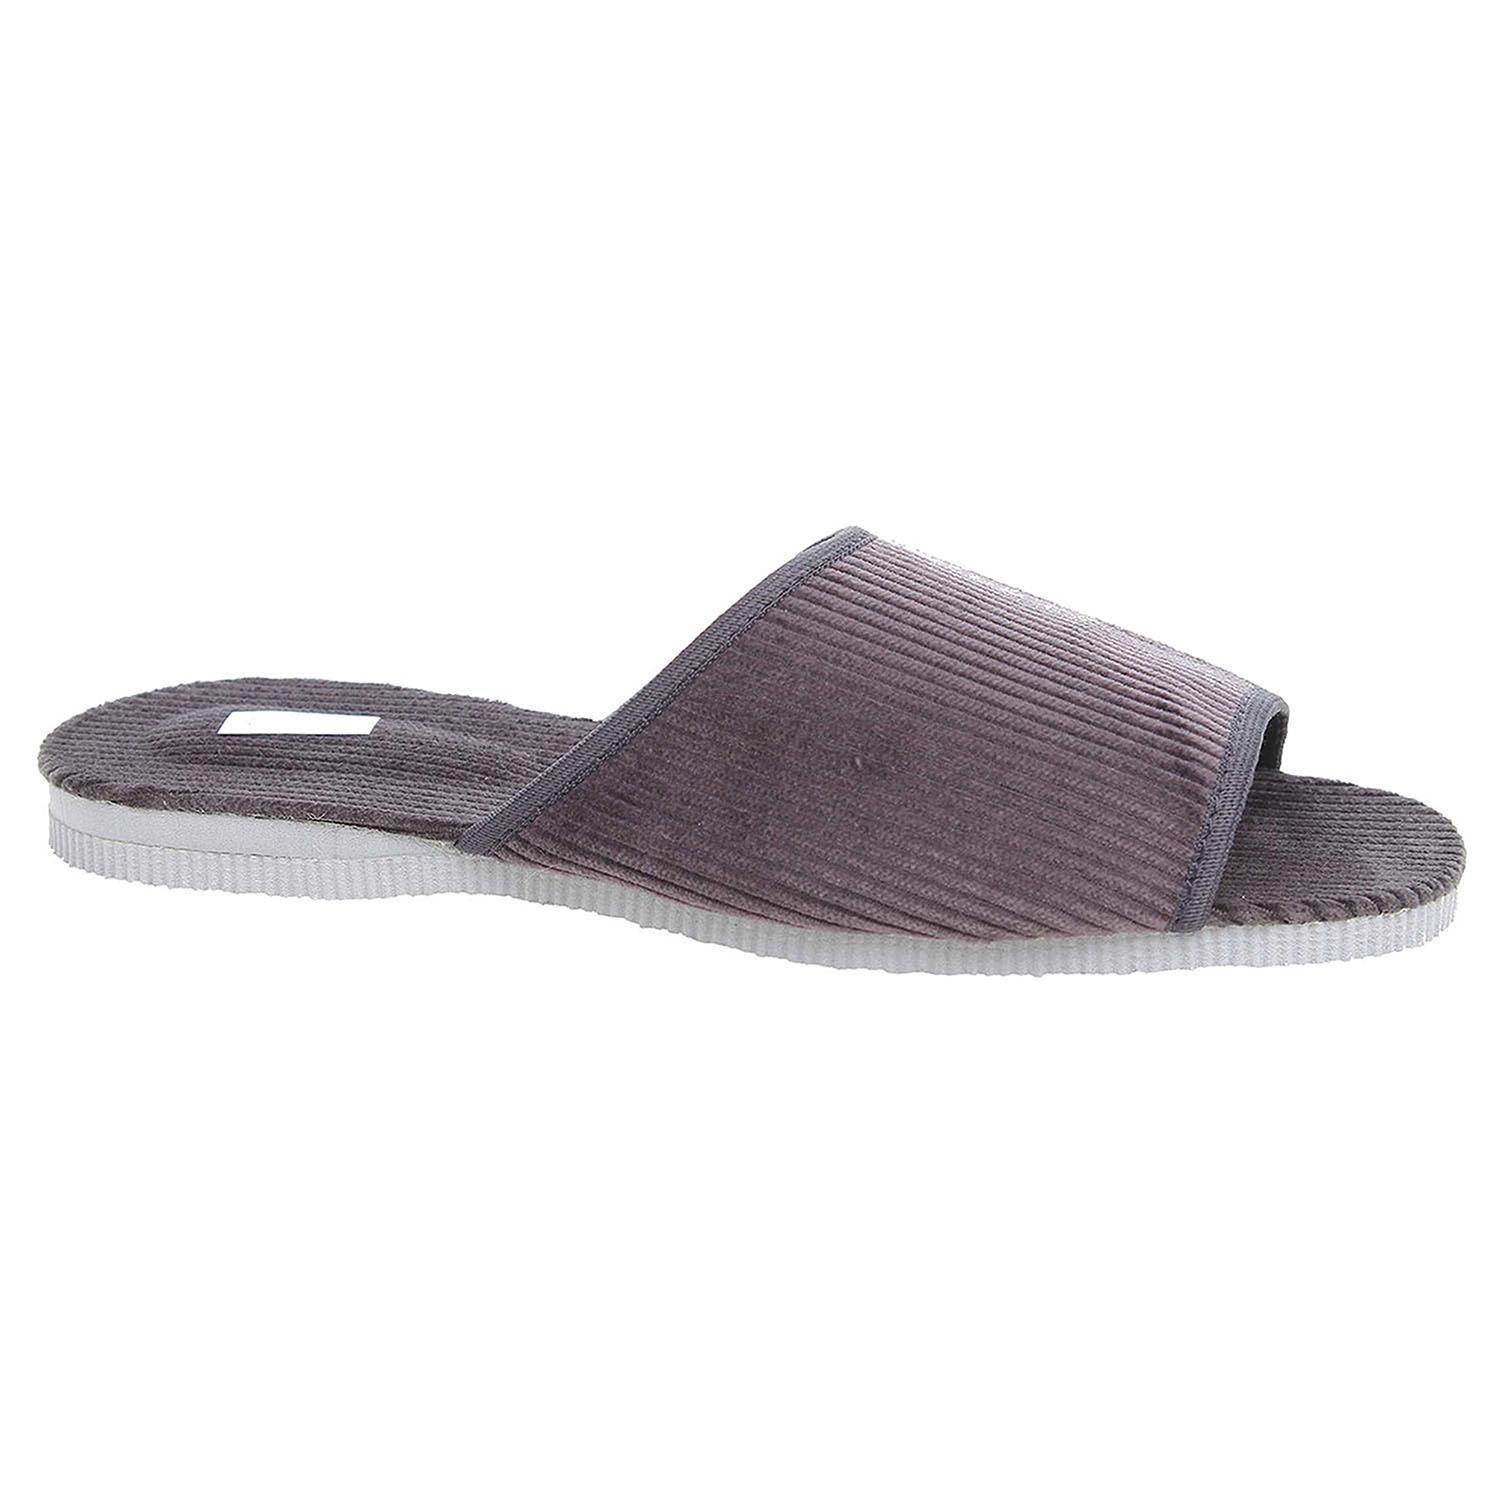 Pánské domácí pantofle 3009.00 šedé 42